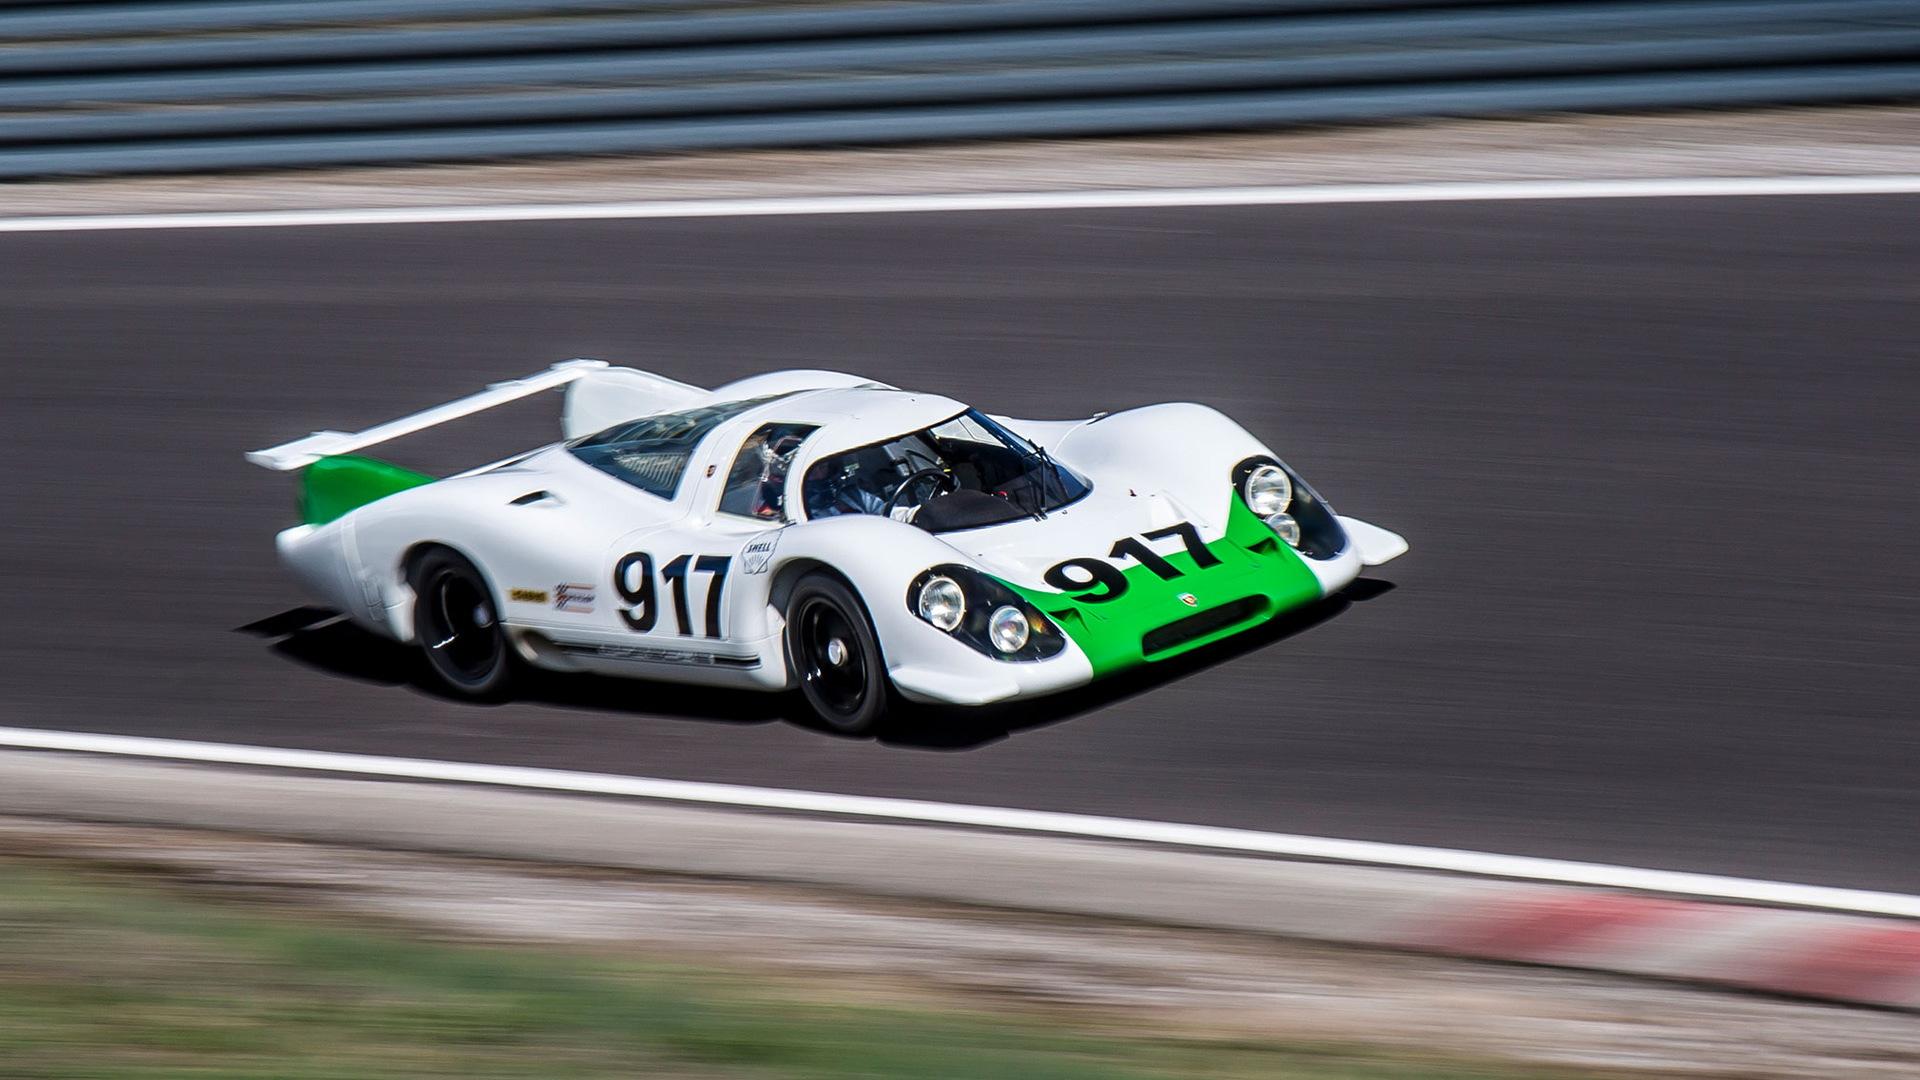 1969 Porsche 917 (001)